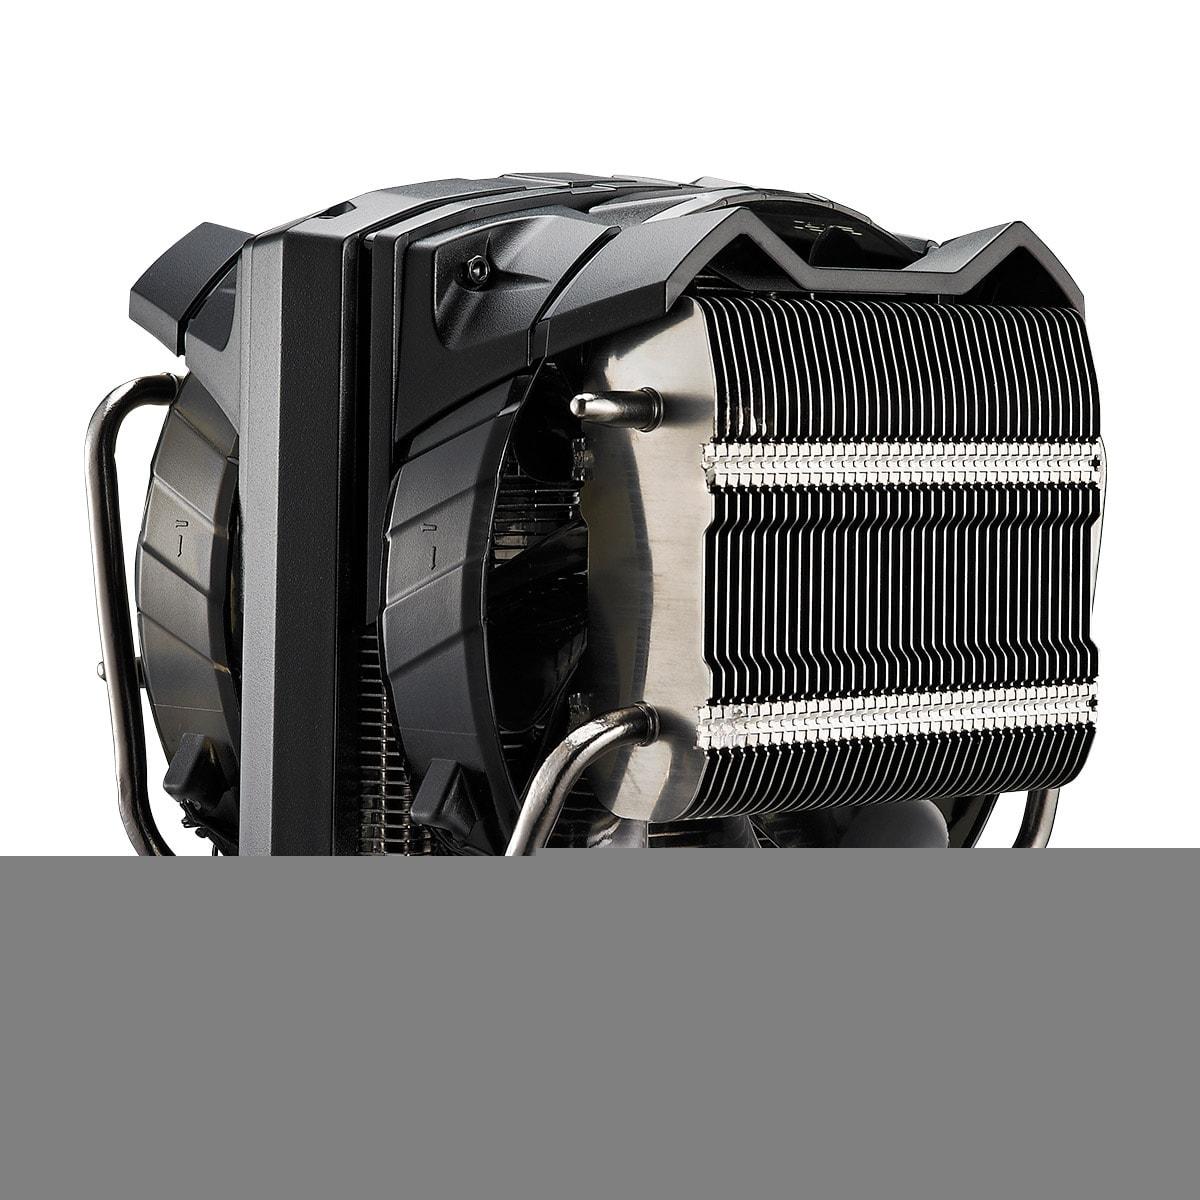 Cooler Master RR-V8VC-16PR-R2 - Ventilateur CPU Cooler Master - 2